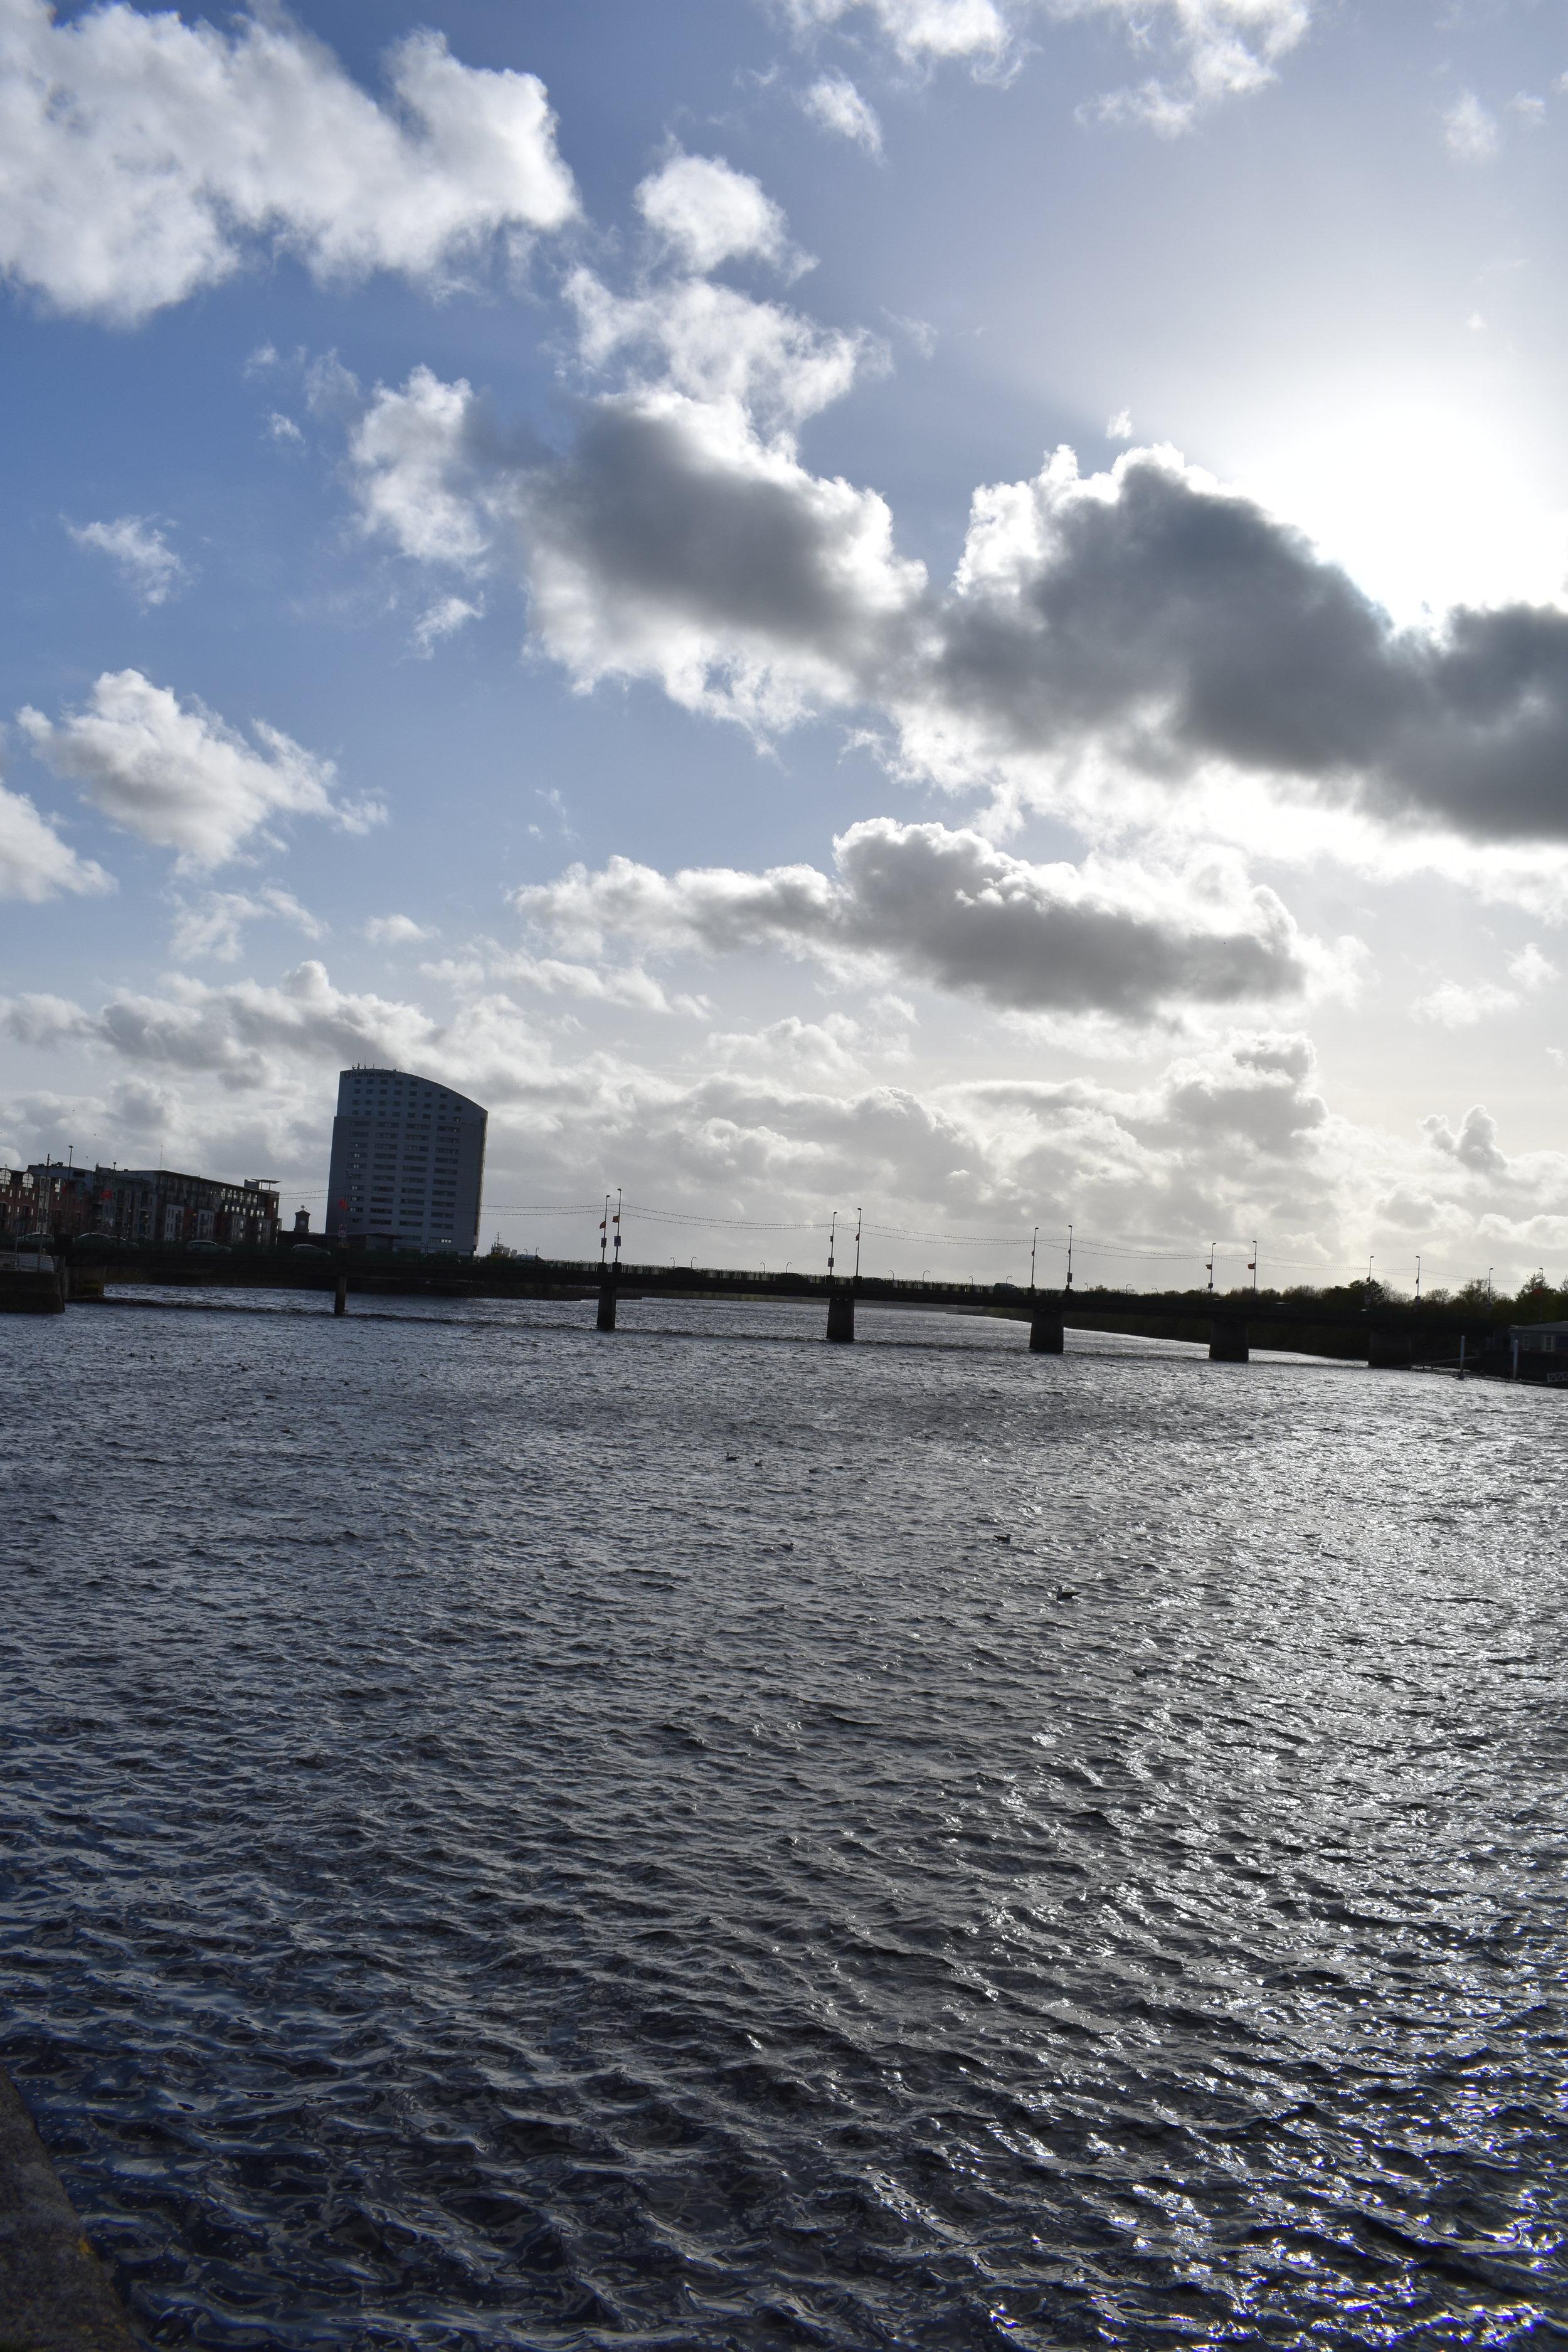 Co. Limerick